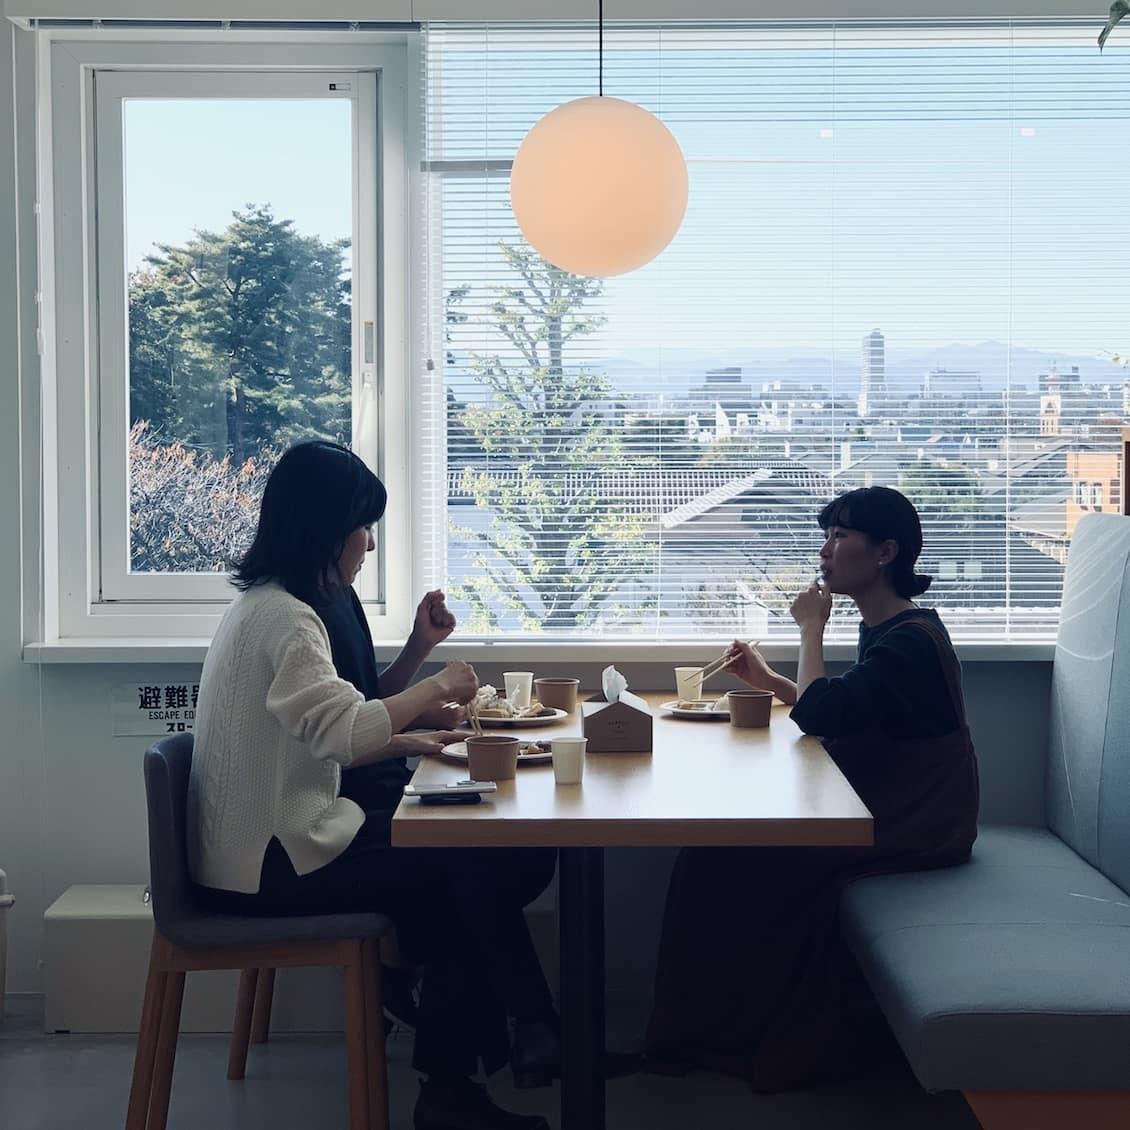 【クラシコムの社員食堂】秋の名残を献立に。栗ご飯と鯖の竜田揚げのお昼ごはん